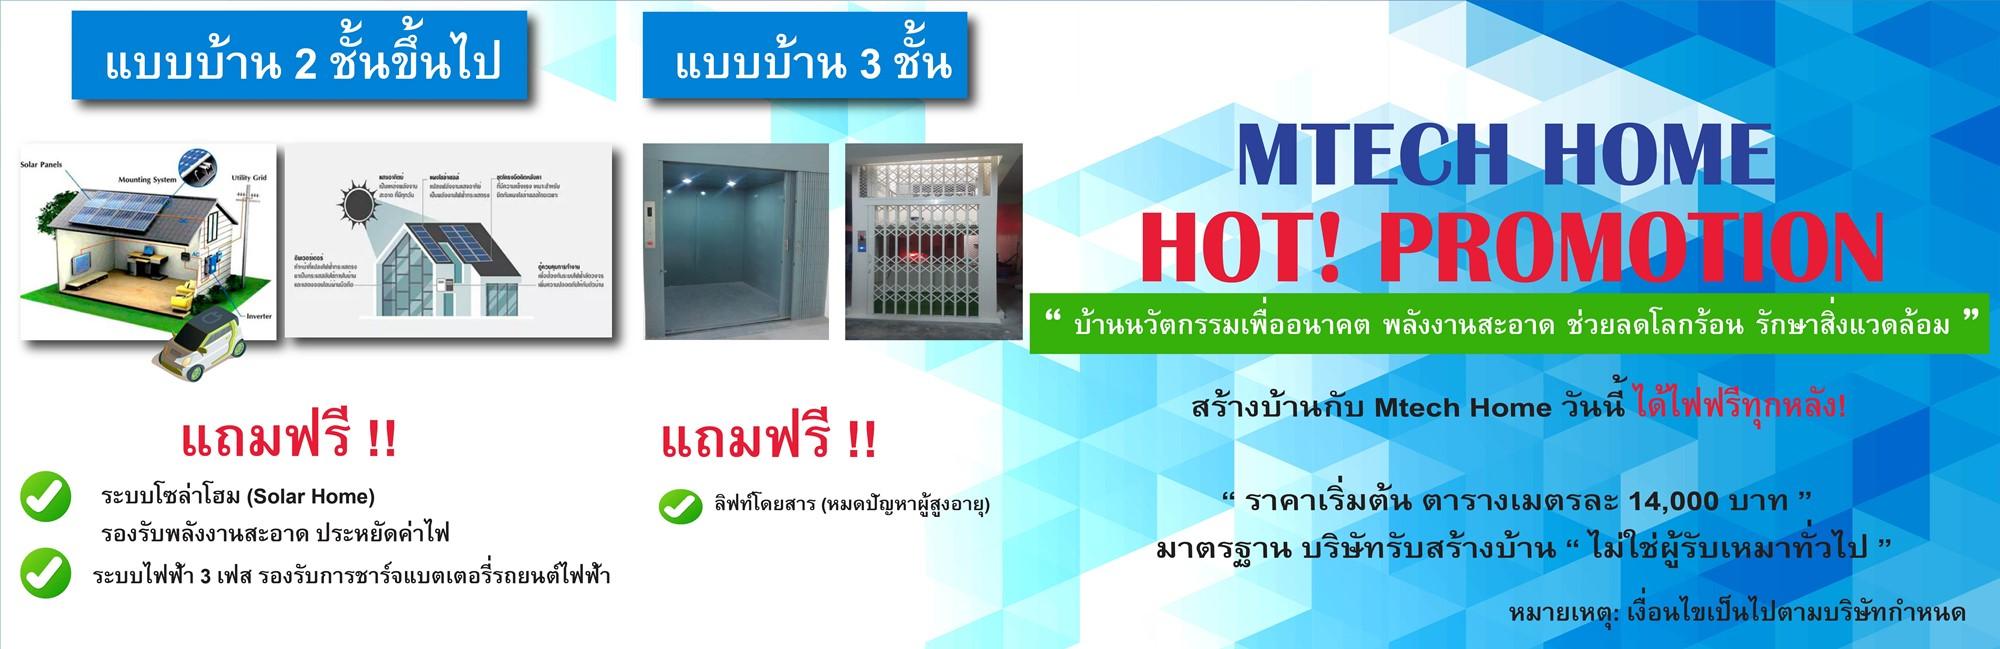 Promotion Mtech-22 Mar 2021